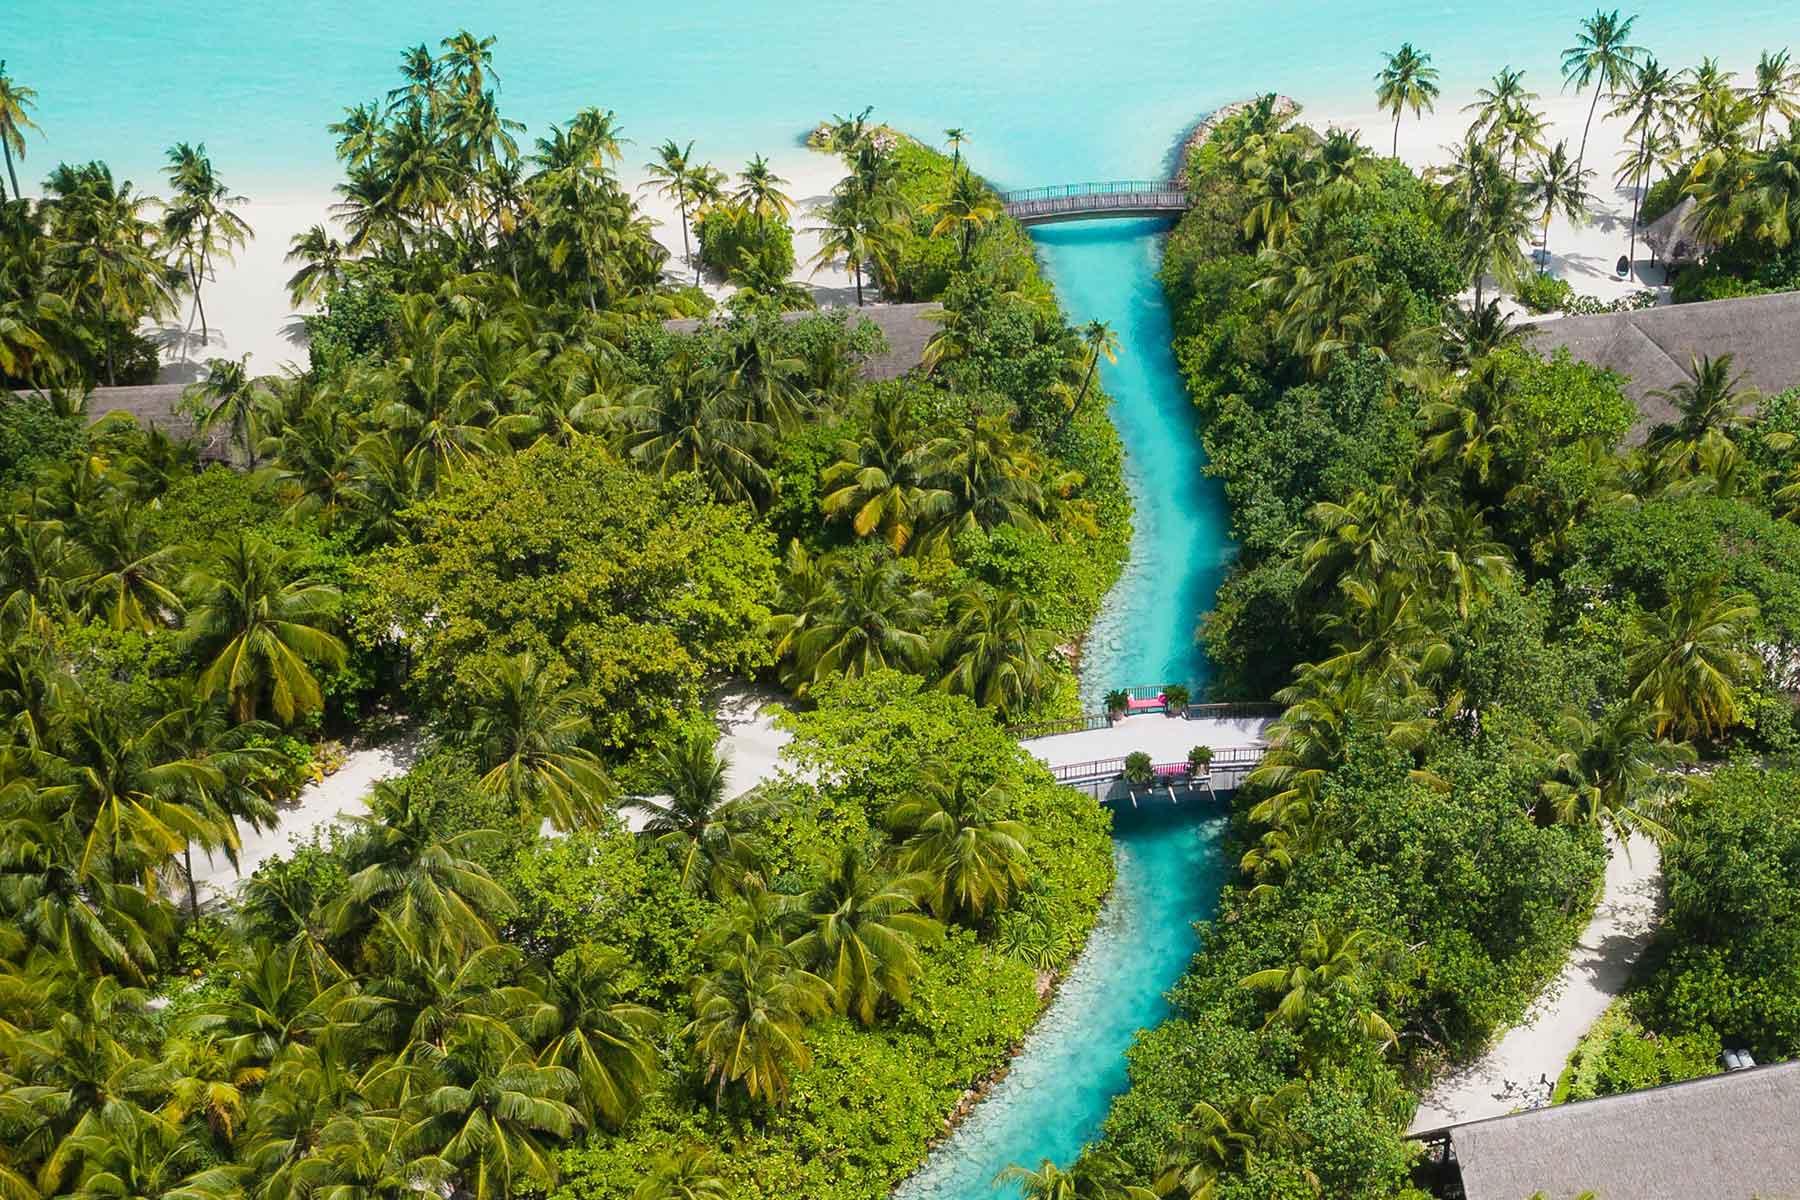 Resor-till-Maldiverna-med-Nygren-&-Lind-resebyrå--resort-med-kanal